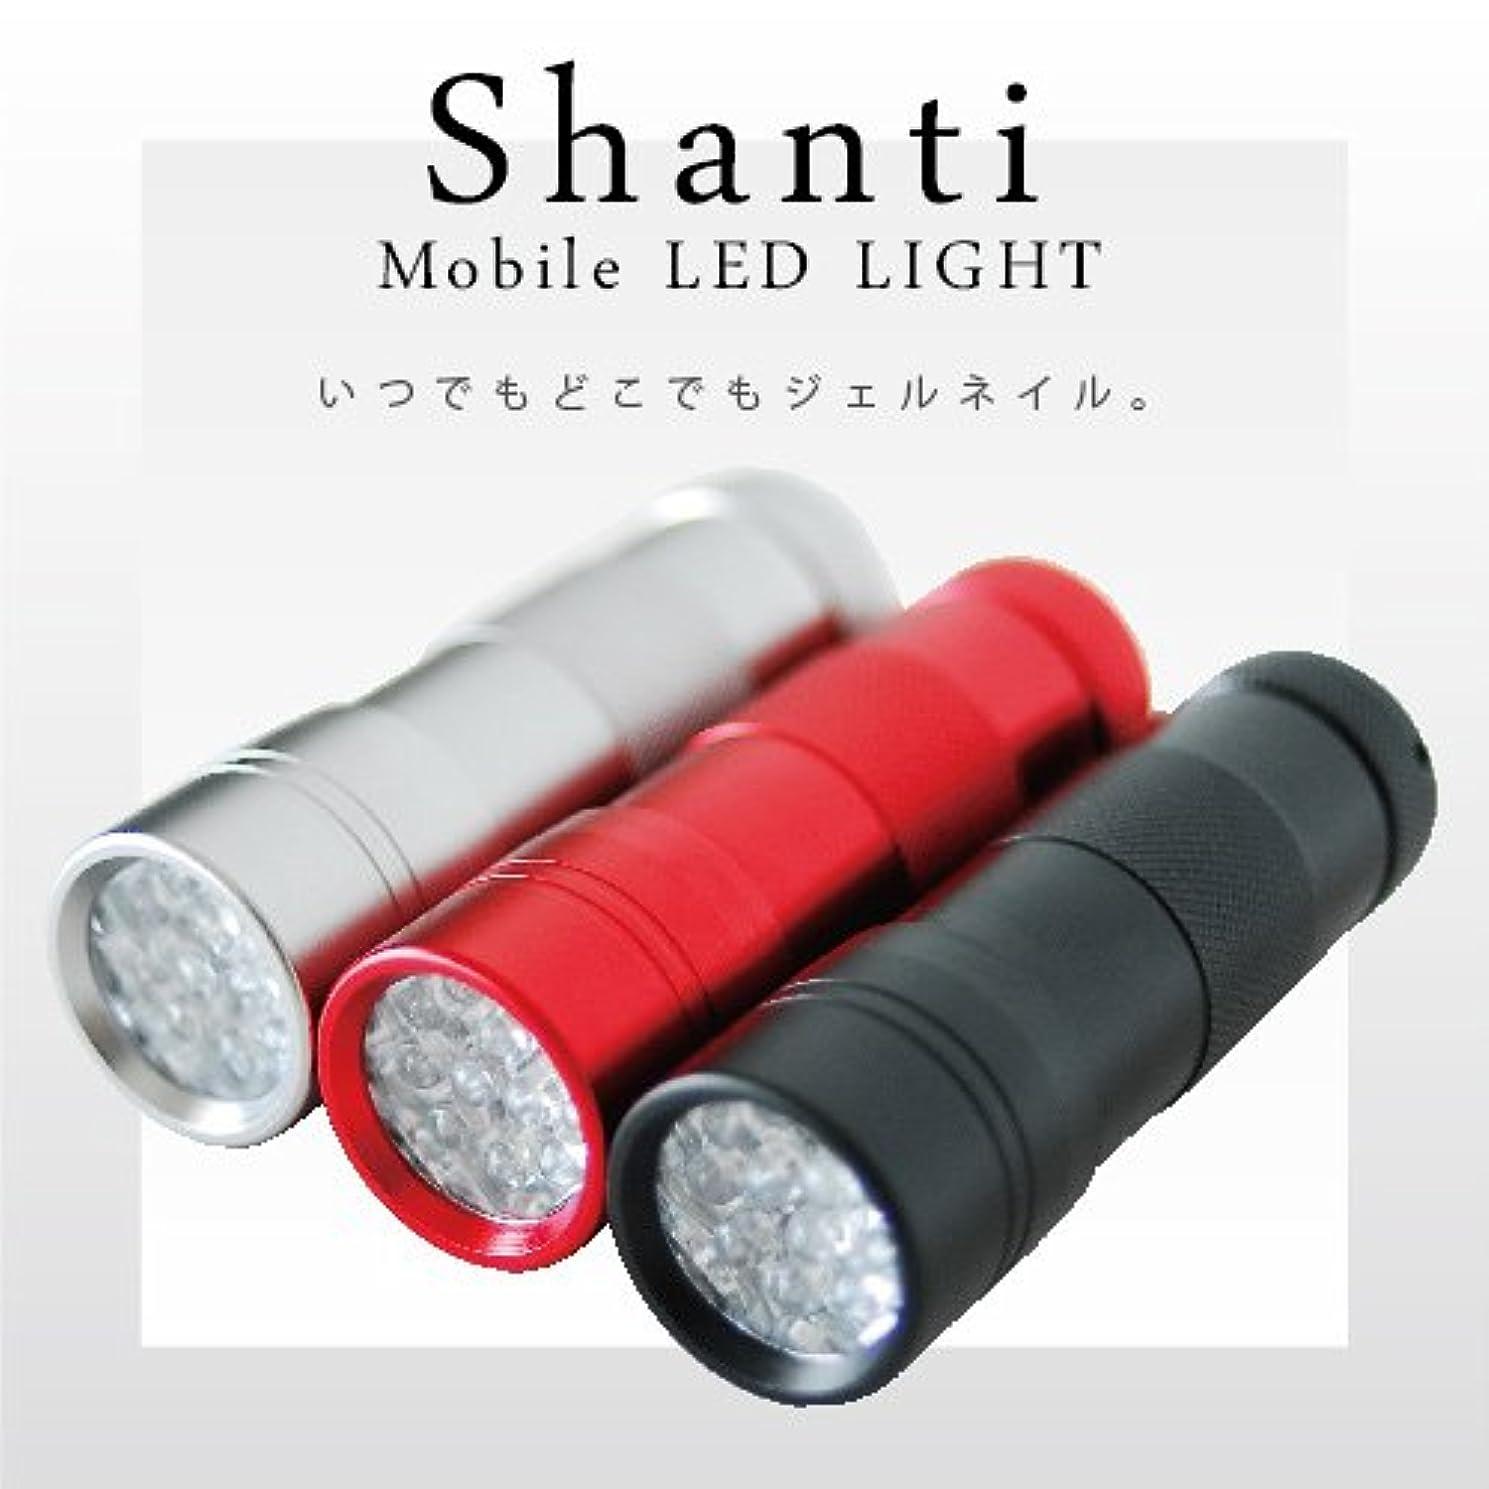 長方形詳細なお風呂ジェルネイル用UVライト ペン型LEDライト Shanti Mobile LED ペン型ポータブルLEDライト カラー:レッド  携帯用ハンドライト